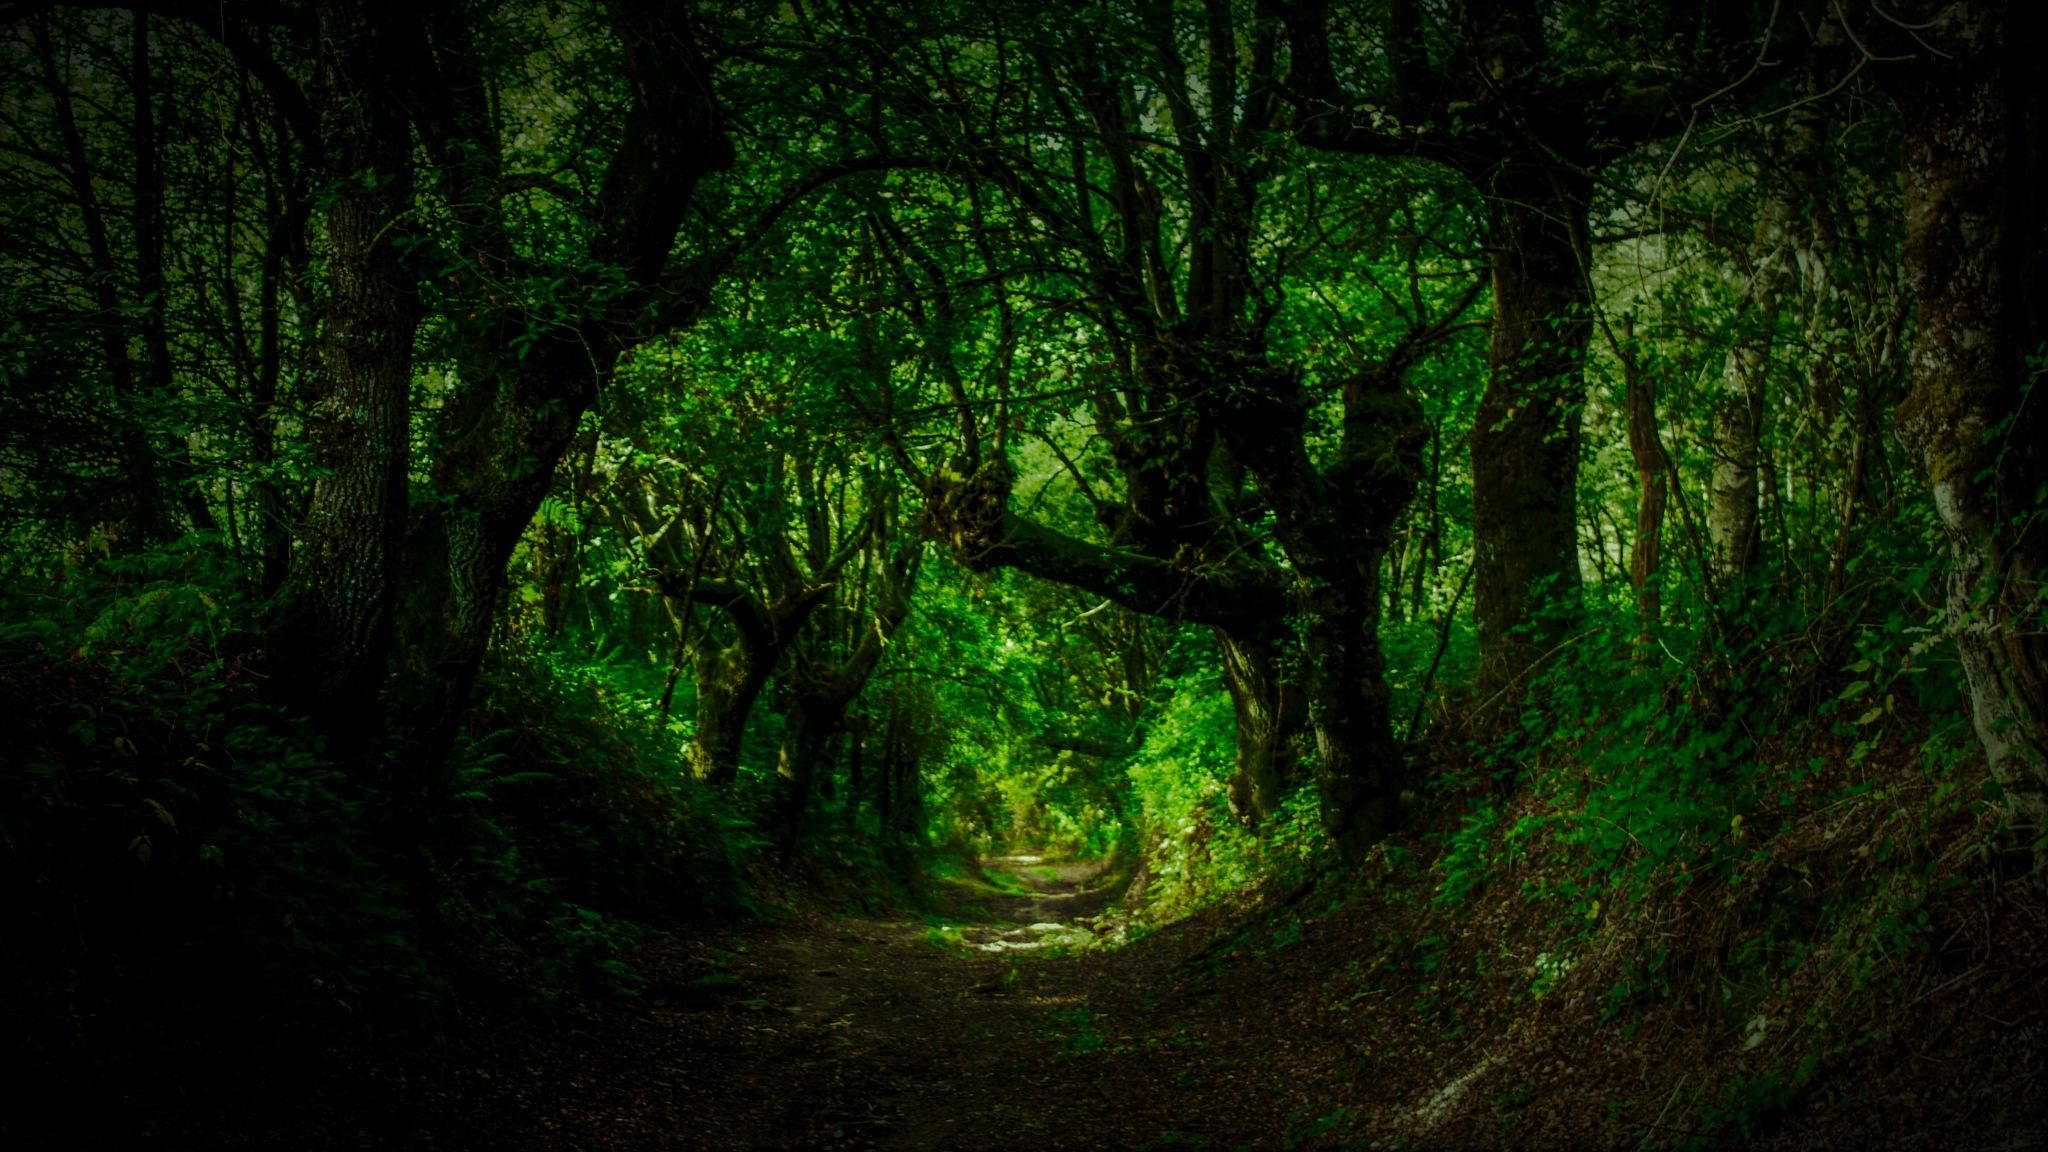 Enchanted forest. by Juan Luis del Castillo Baquerizo